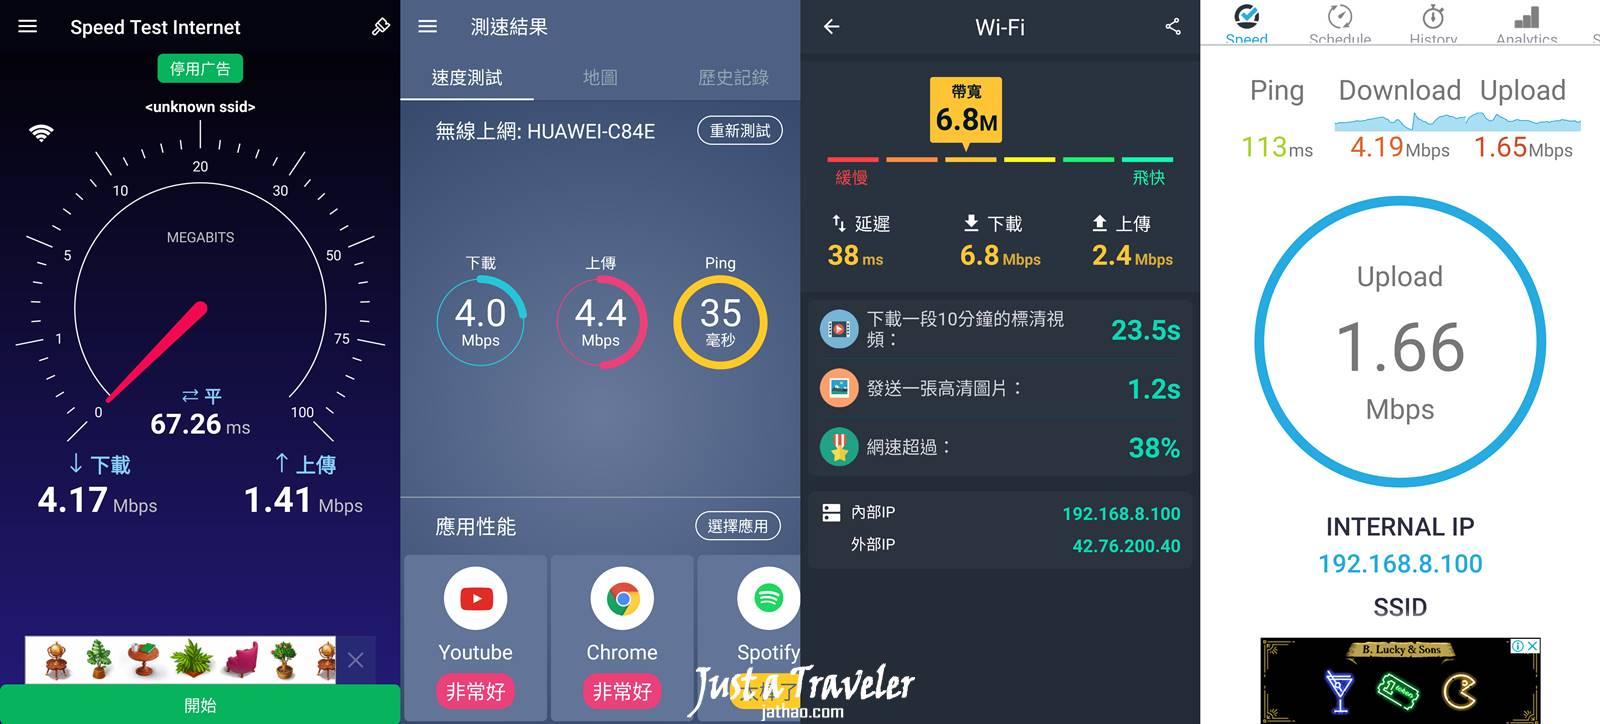 臺灣上網|臺灣租借WiFi 分享器(WiFi機)推薦:便宜,高CP值方案攻略!